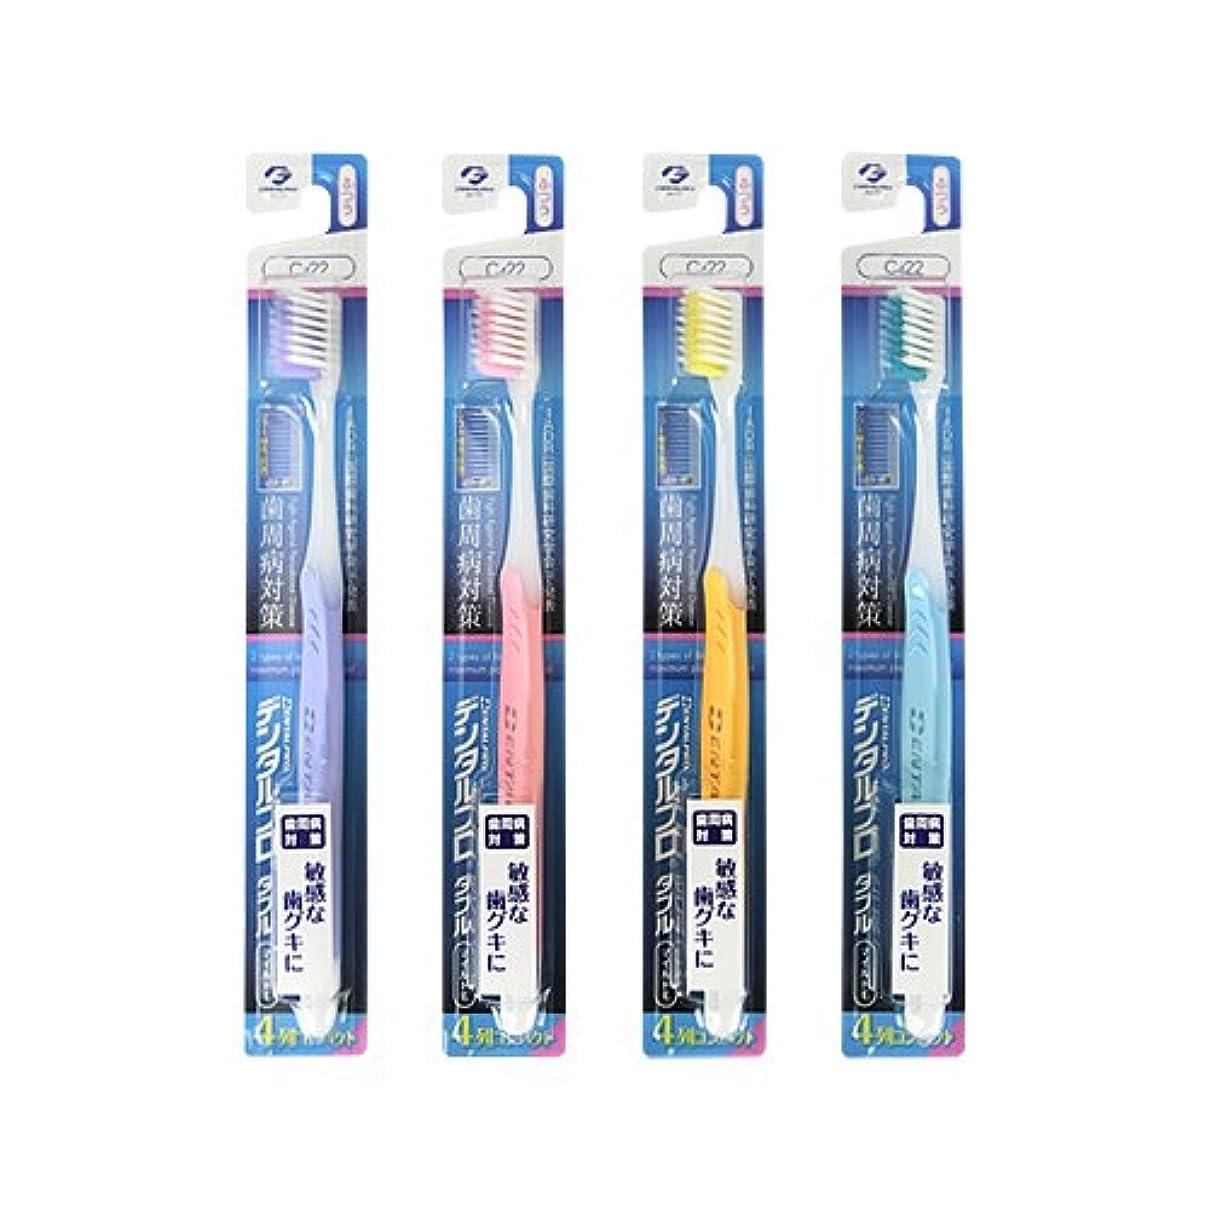 贅沢ナラーバーこどもの日デンタルプロ ダブル マイルド 4列 歯ブラシ 5本 (ふつう, 色はおまかせ)